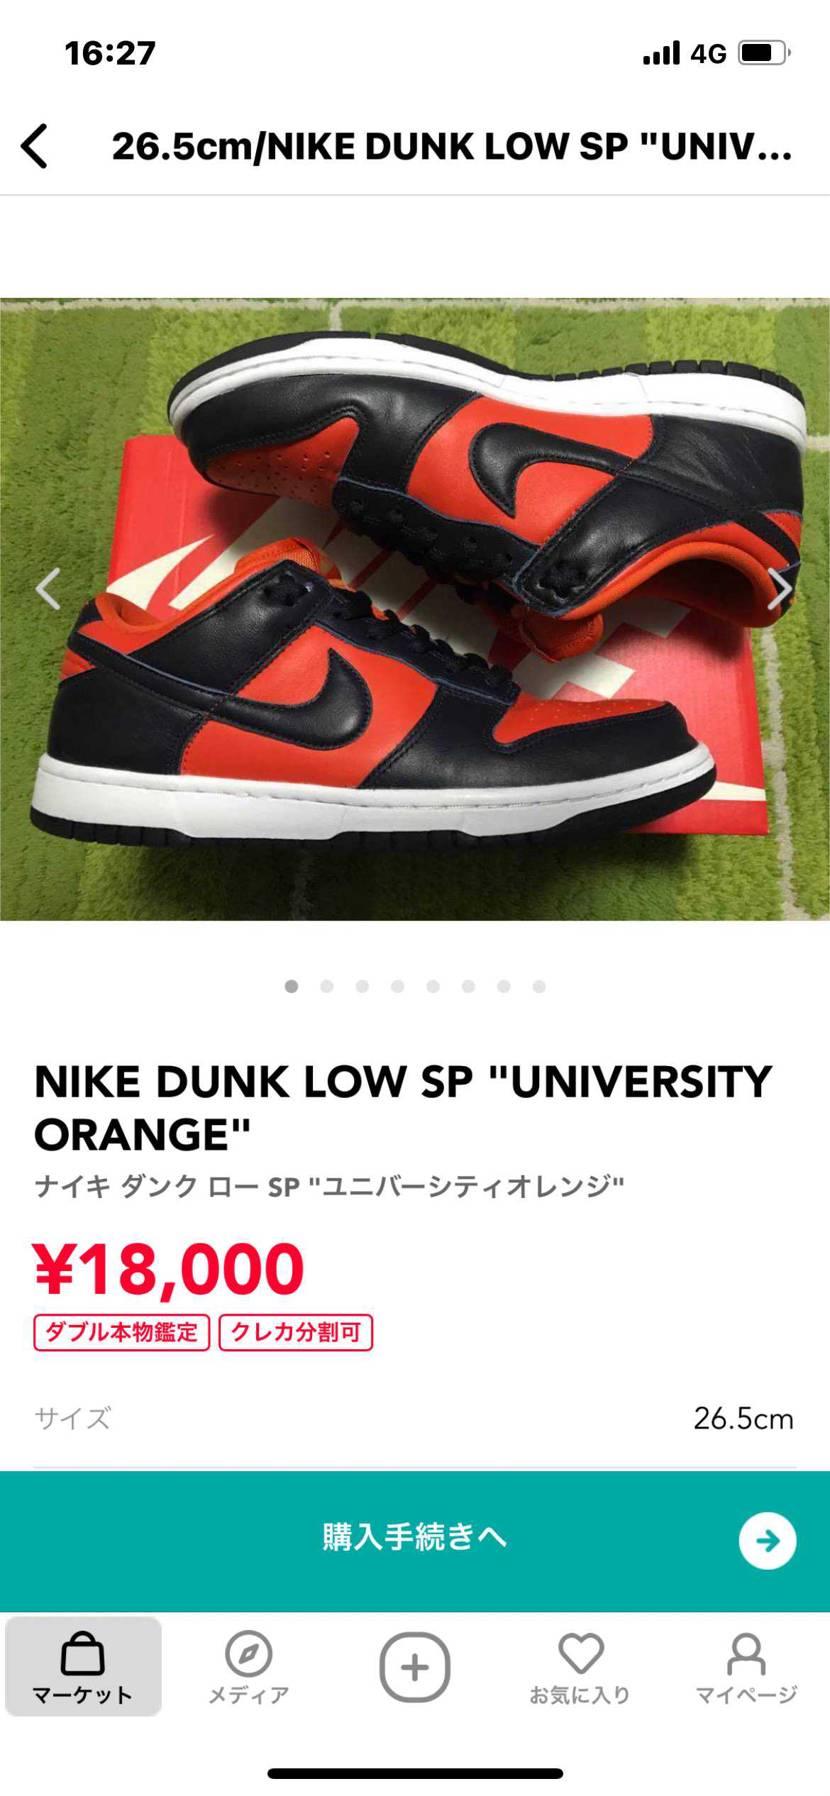 出品者さん、15000円くらいになりませんか?